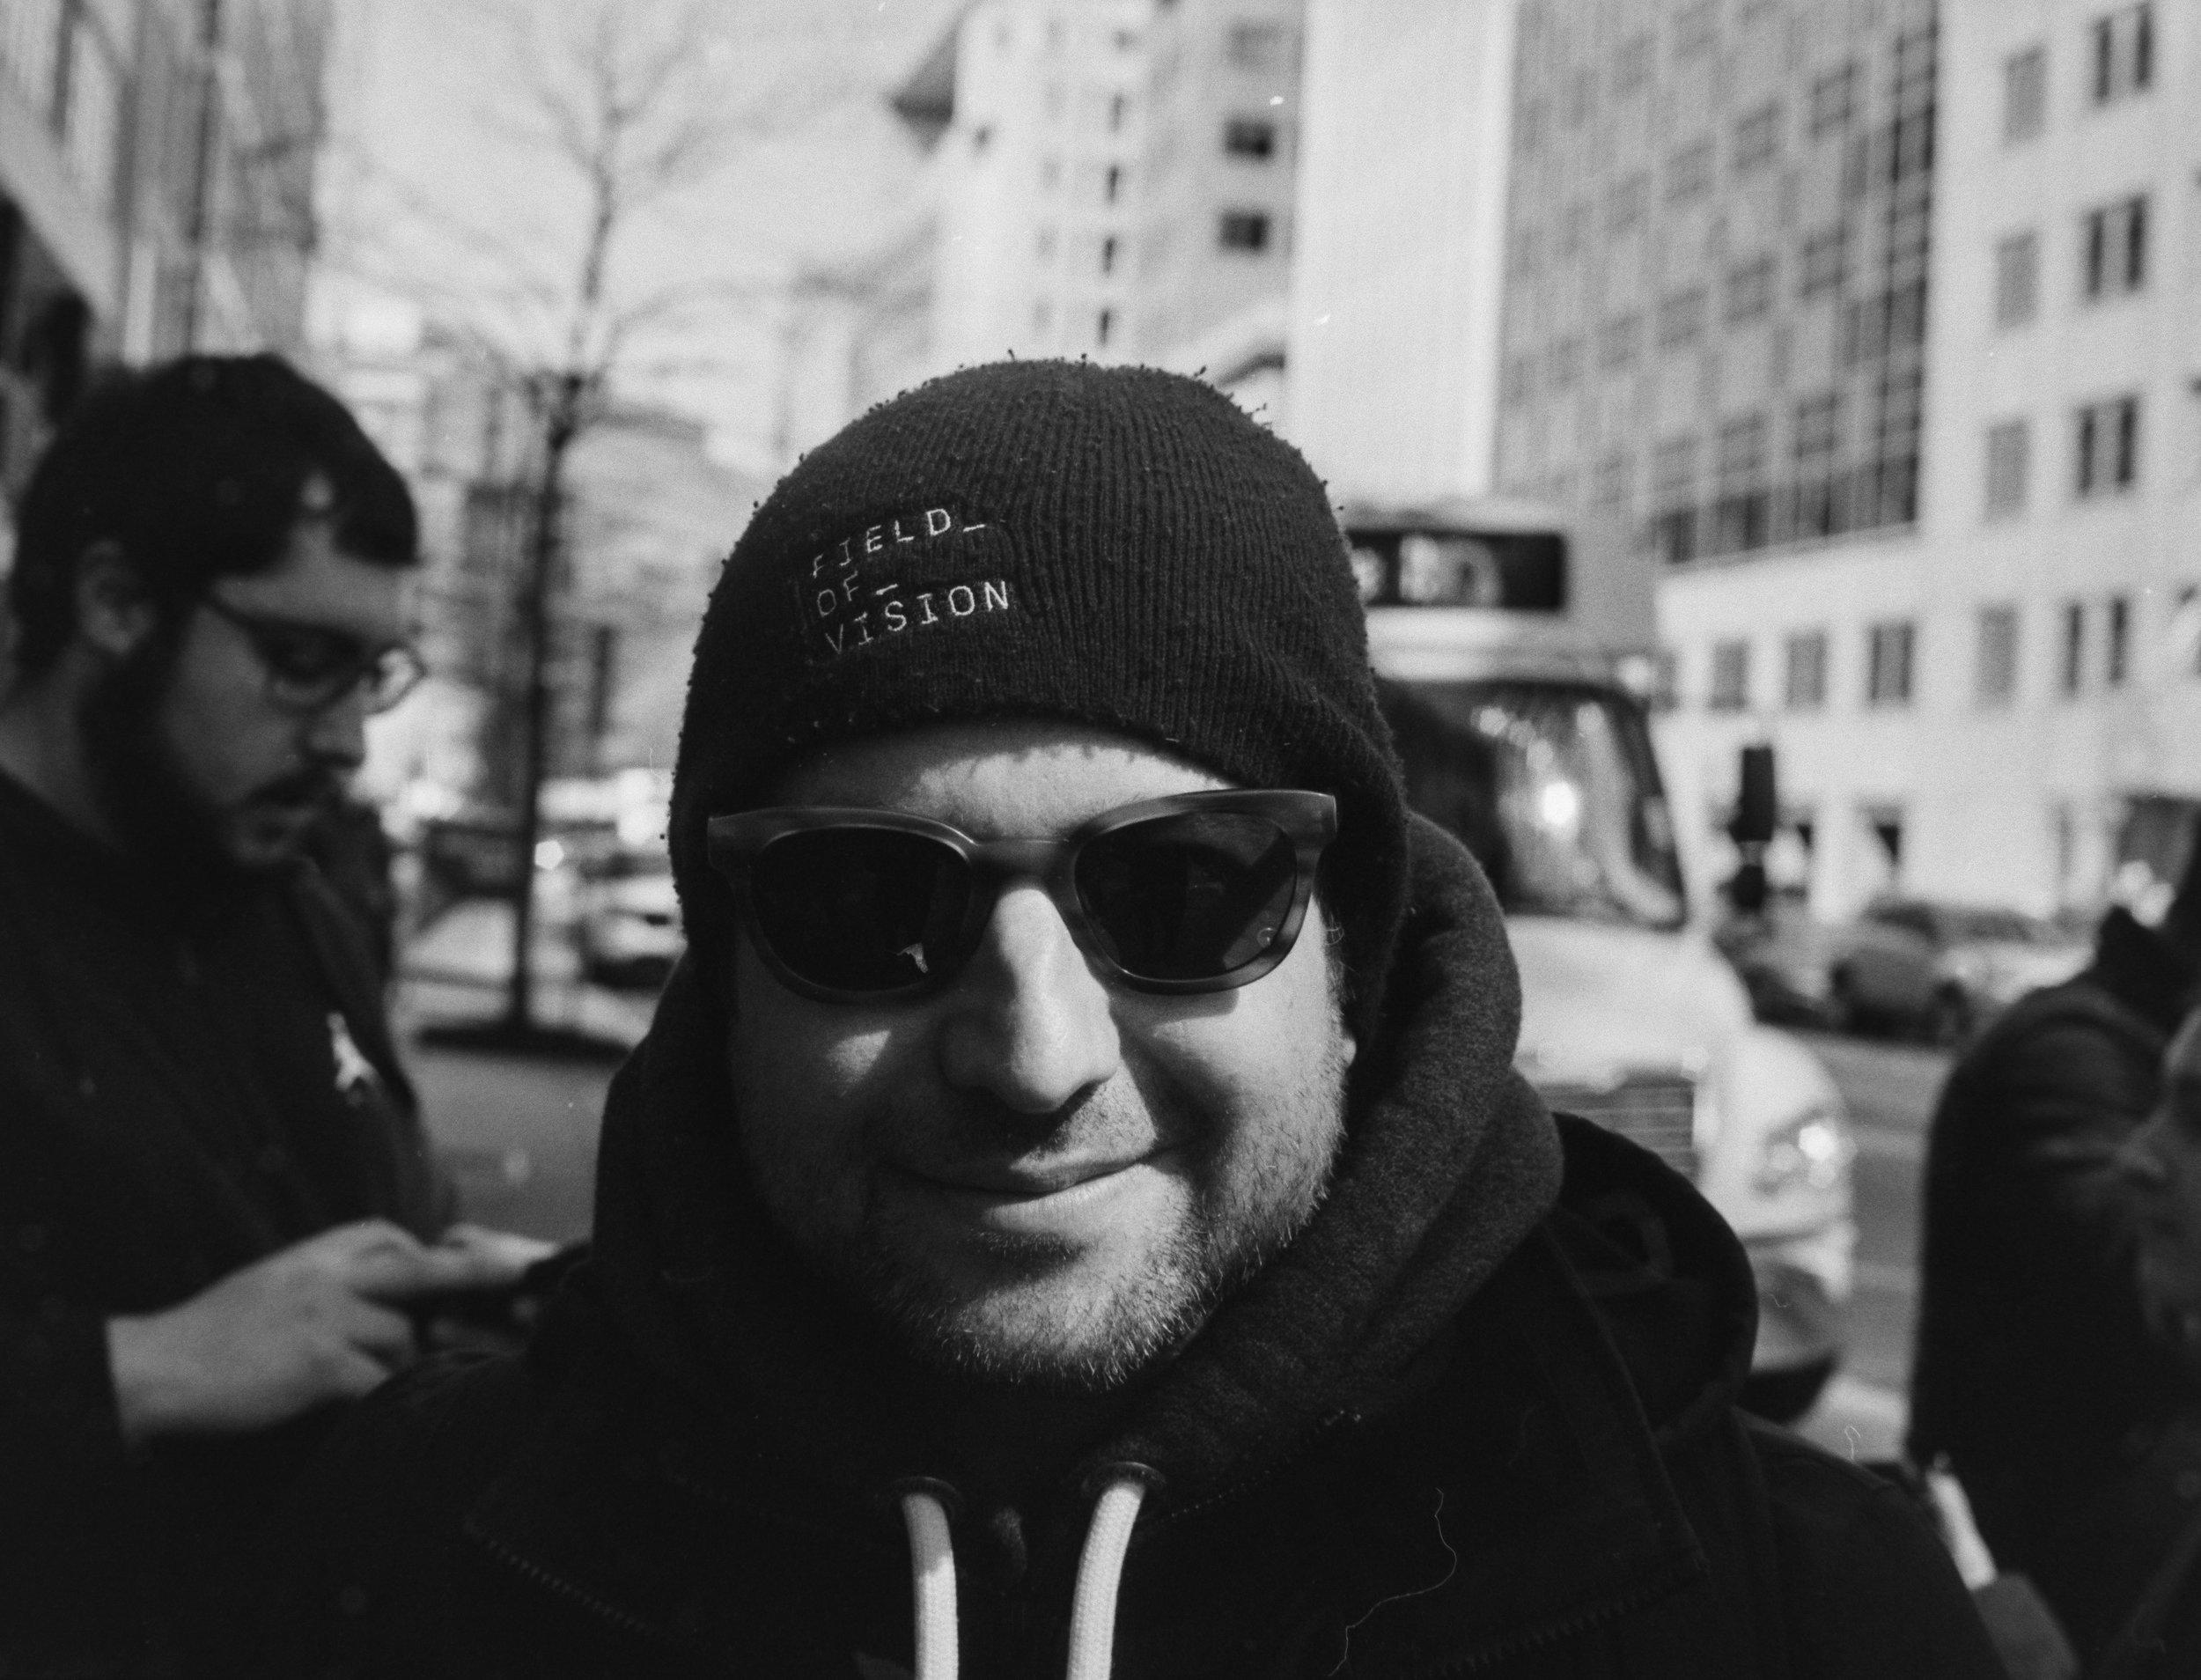 Documentarian Jarred Alterman